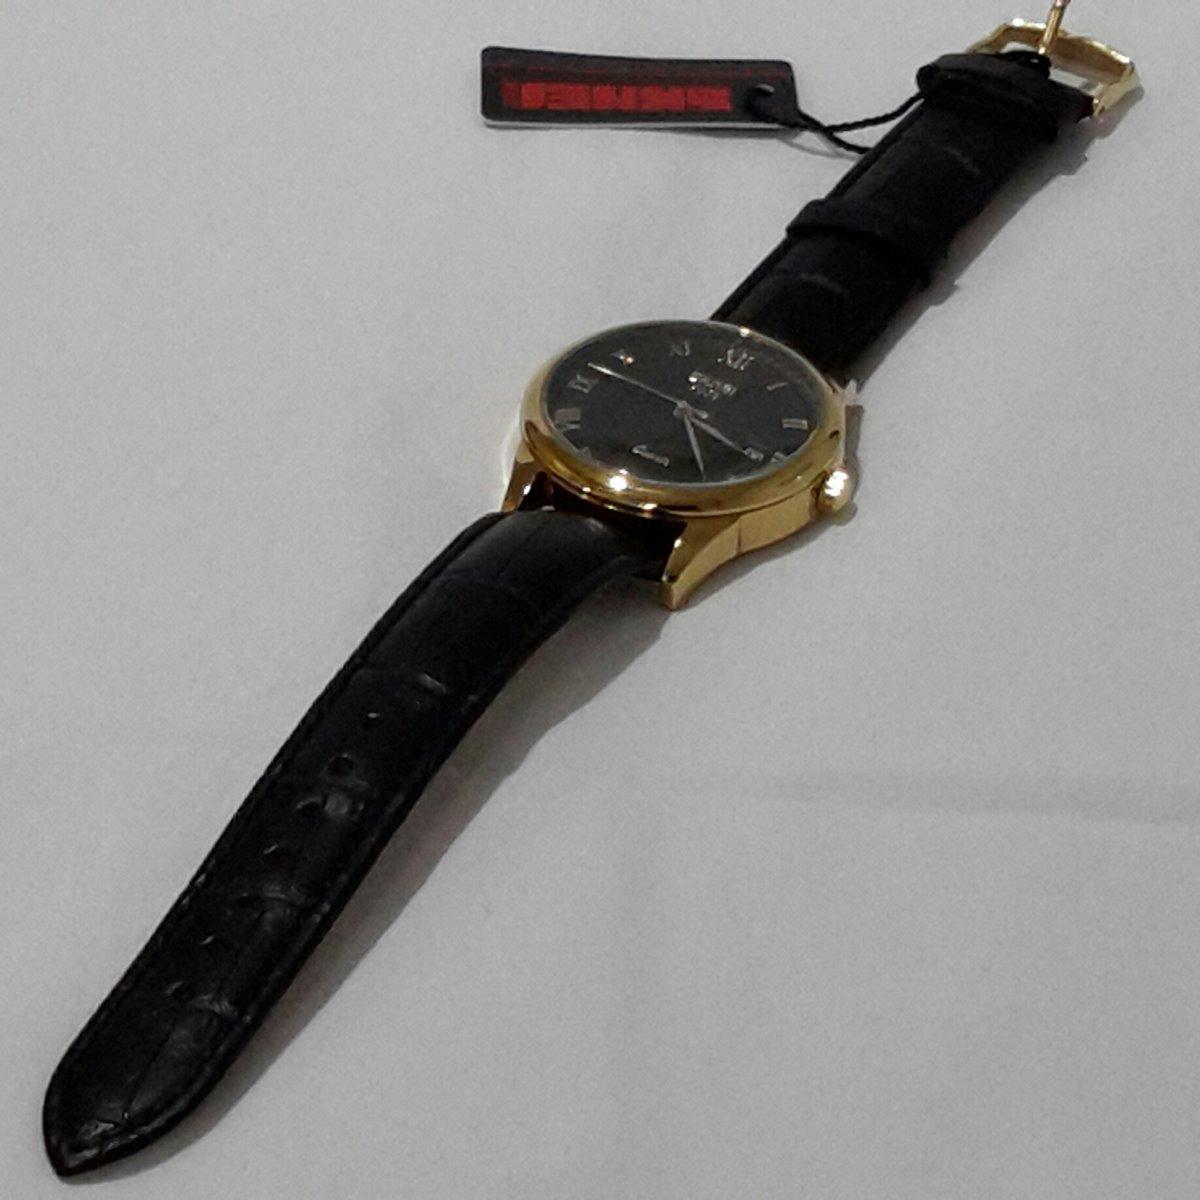 42da94e34ca relógio skmei de luxo original analógico modelo 9058. Carregando zoom.